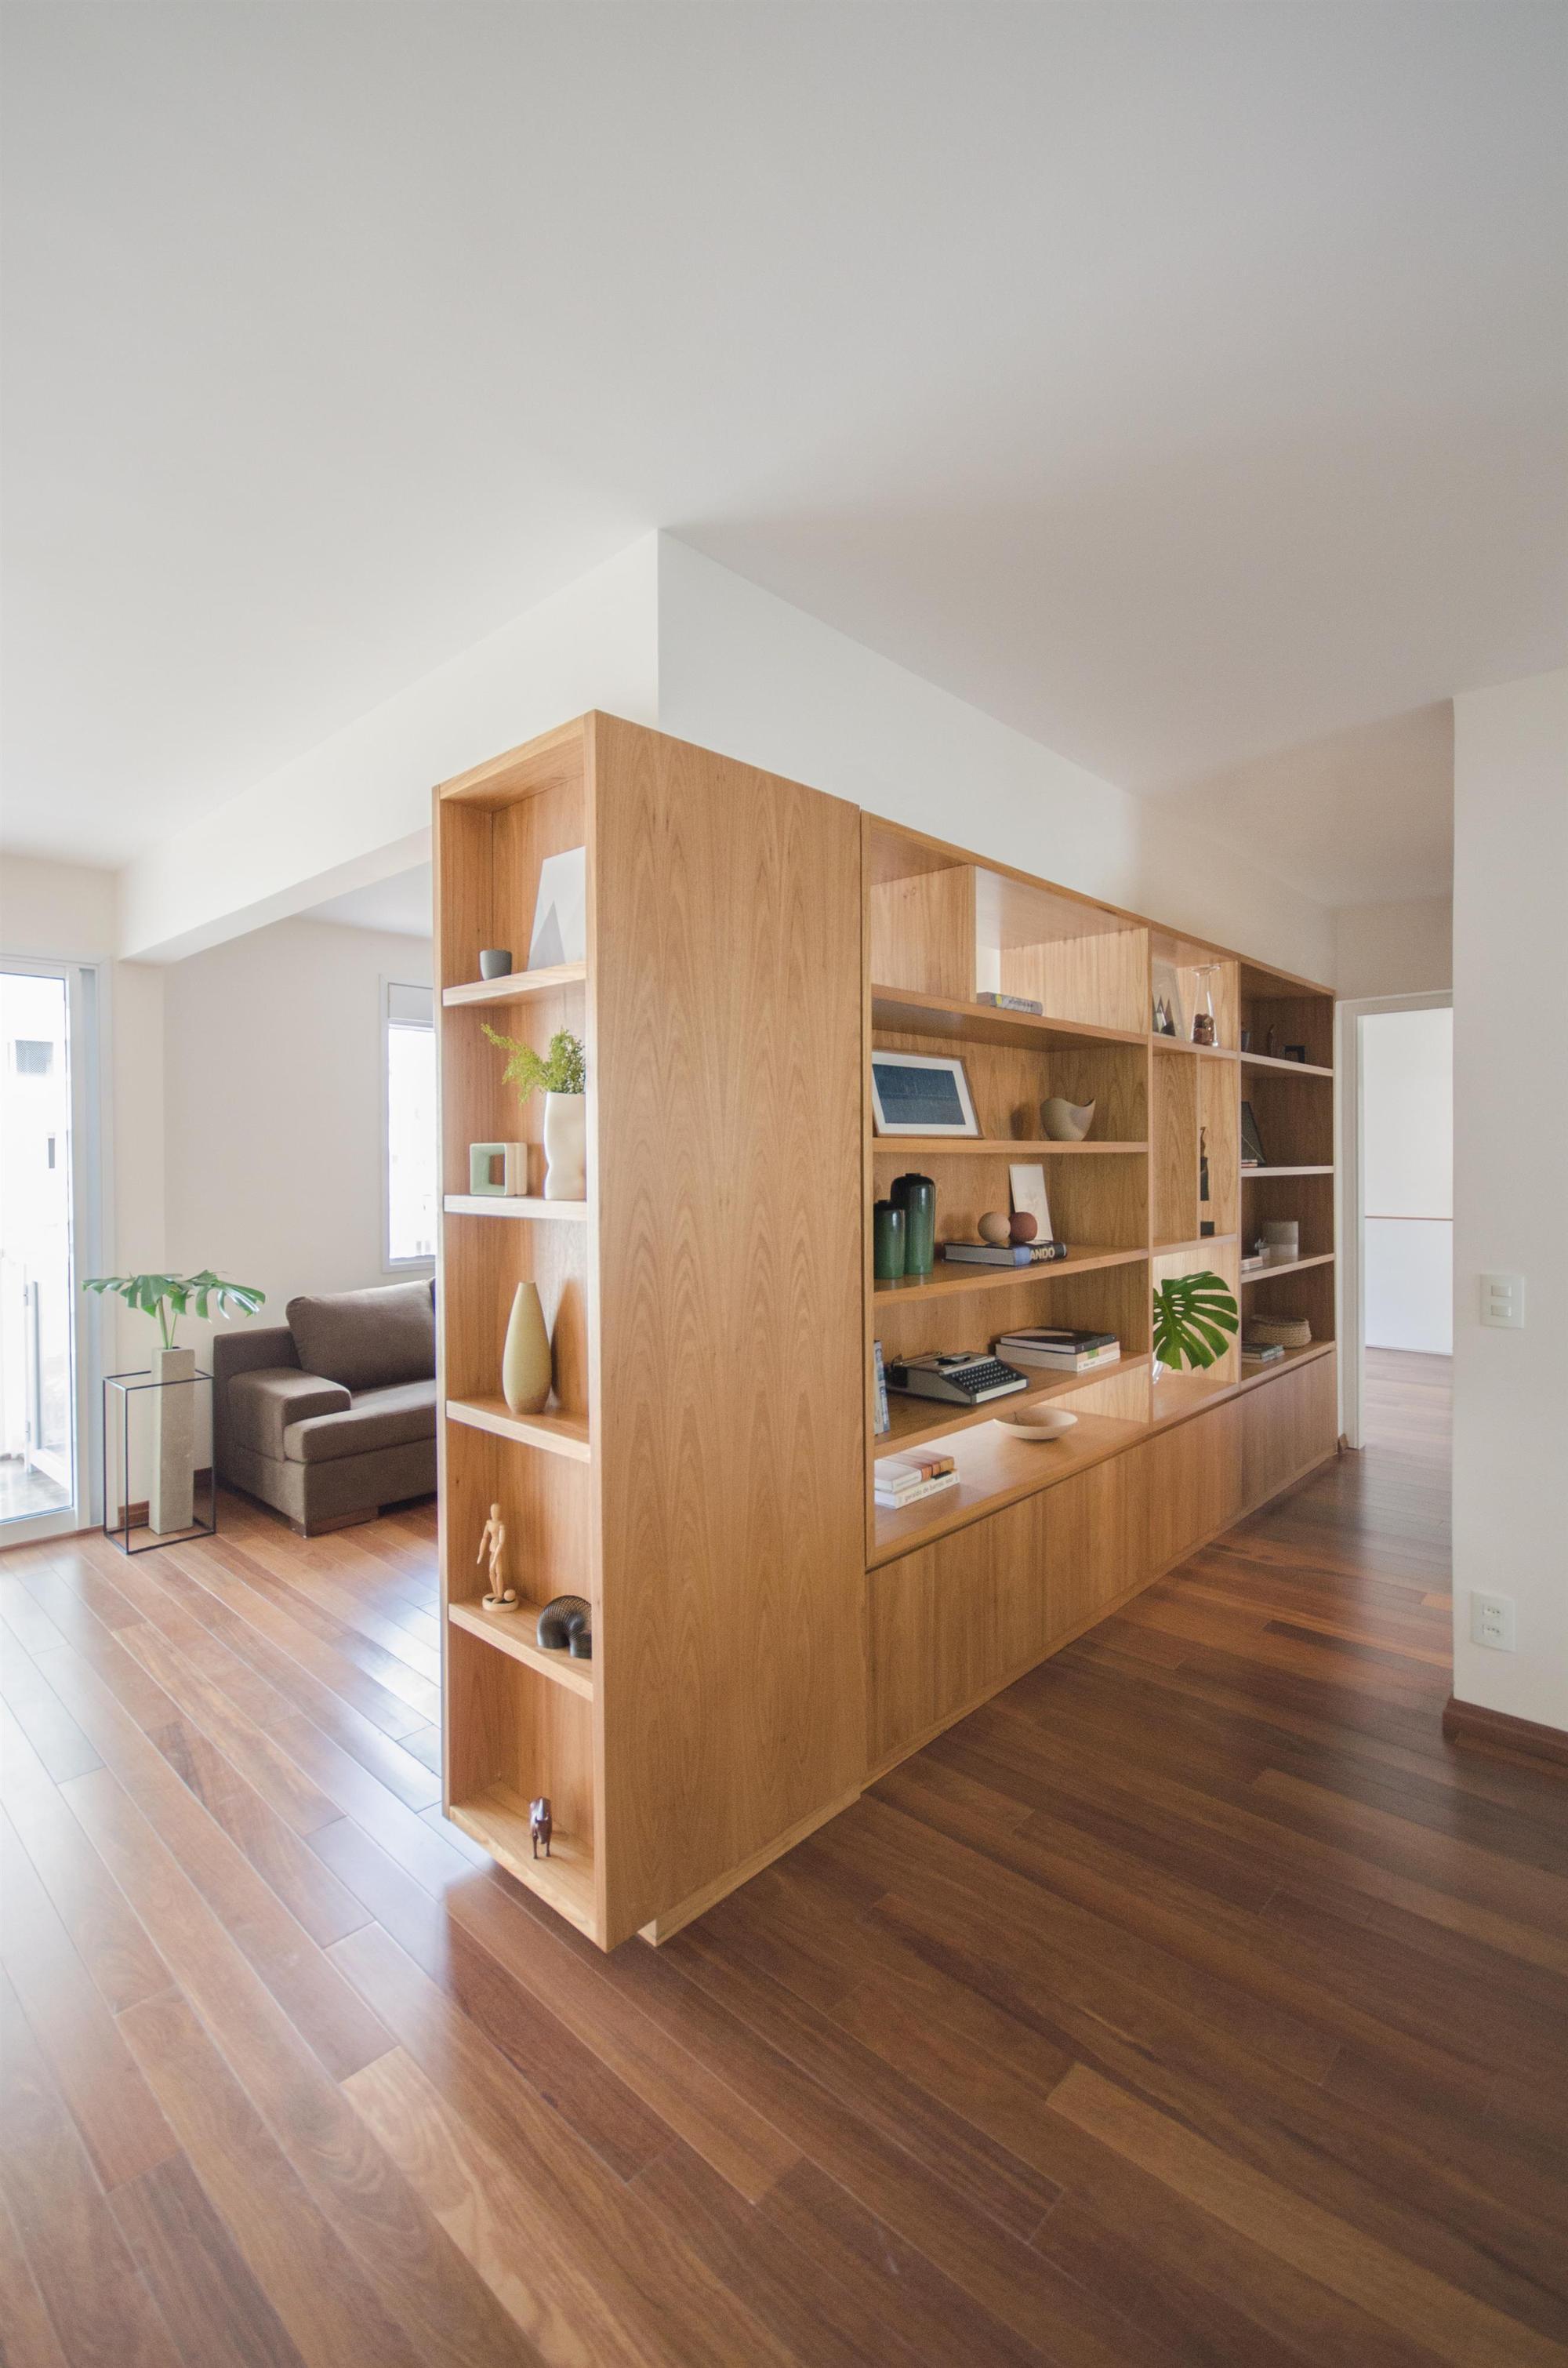 Galeria De Apartamento Carretel Eixo Z Arquitetos 1